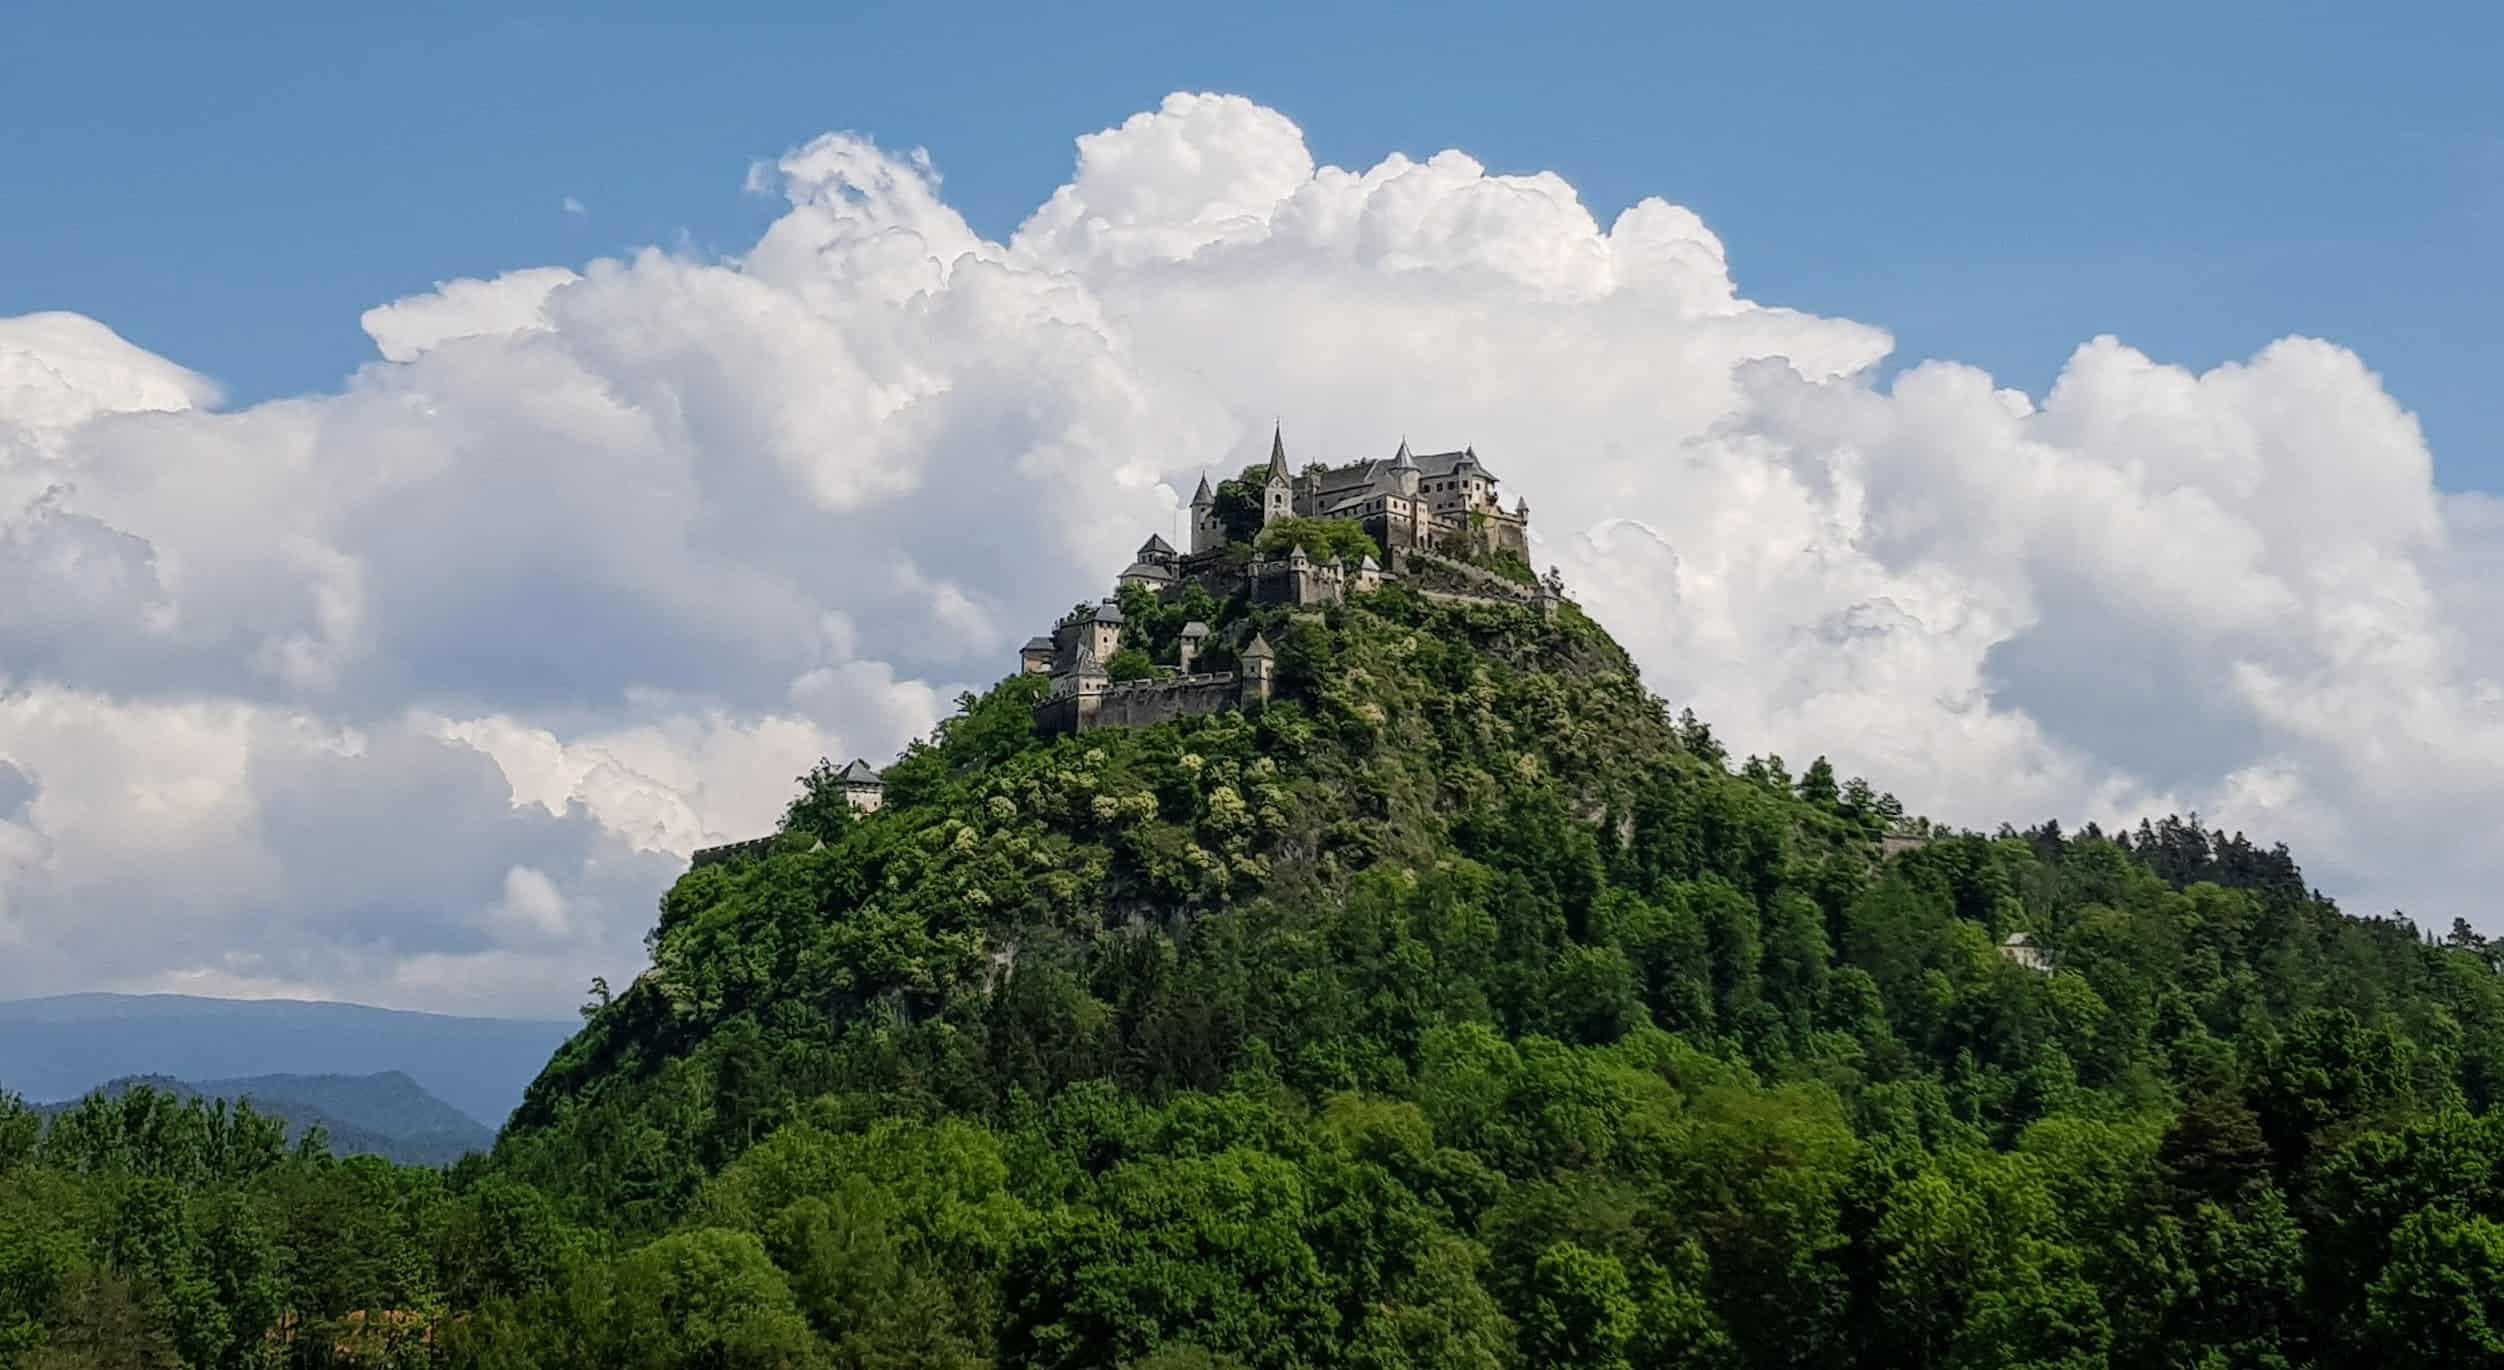 Familienfreundliche Sehenswürdigkeiten in Kärnten: Die Burg Hochosterwitz - St. Georgen am Längsee und Nähe St. Veit, Klagenfurt